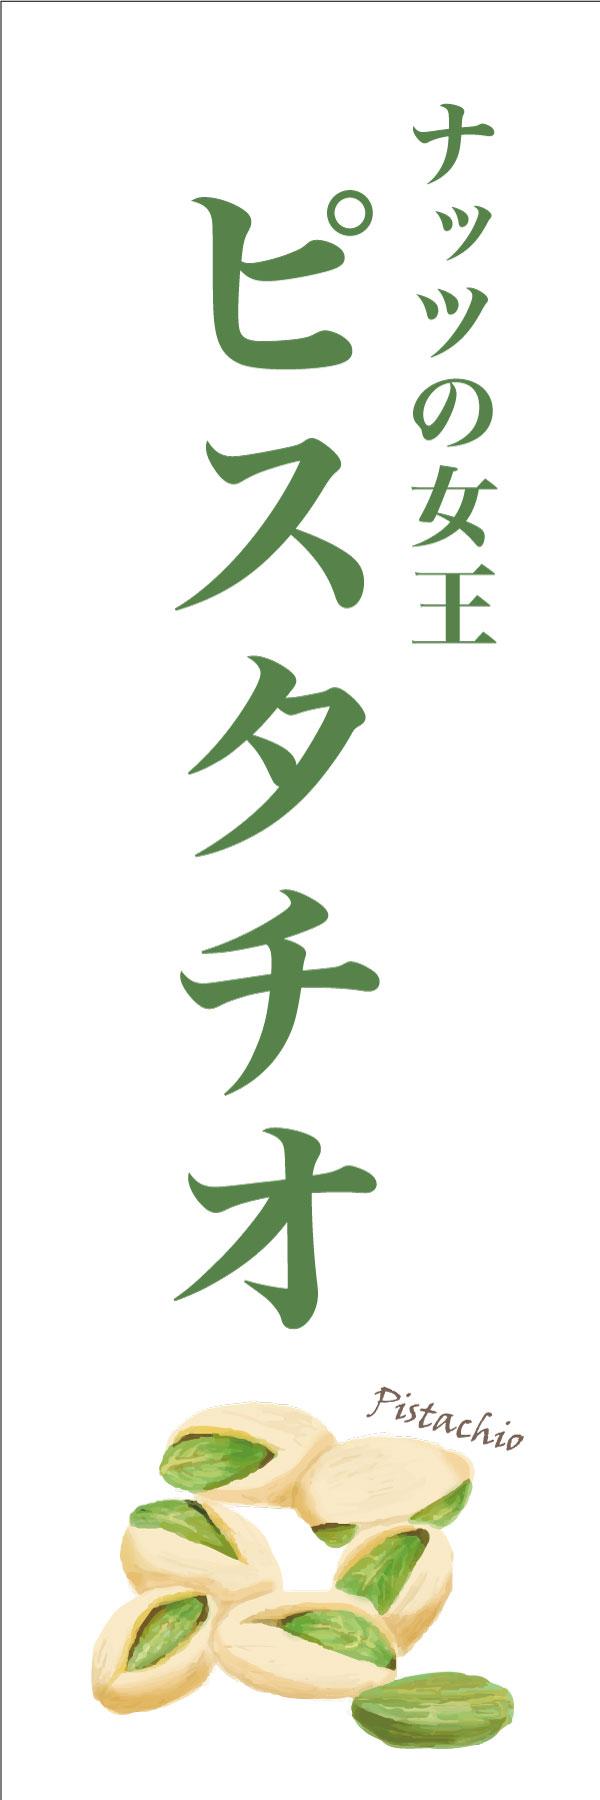 ピスタチオ_のぼり